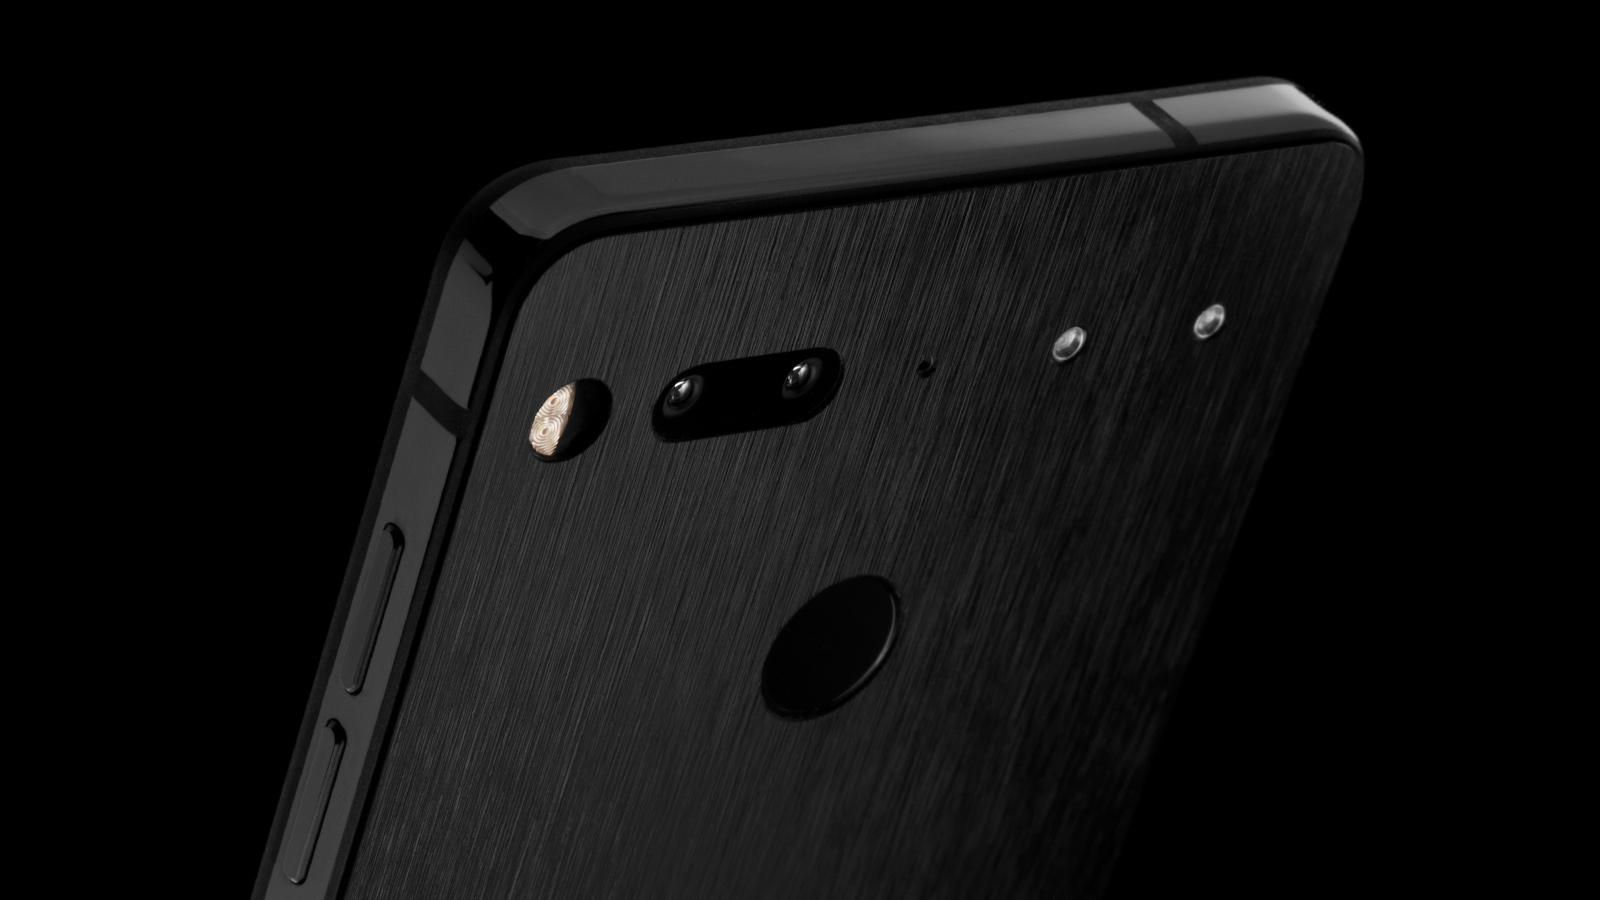 اسنشال در حال توسعه نسل بعدی موبایل خود است، اسنشال فون ۲؟